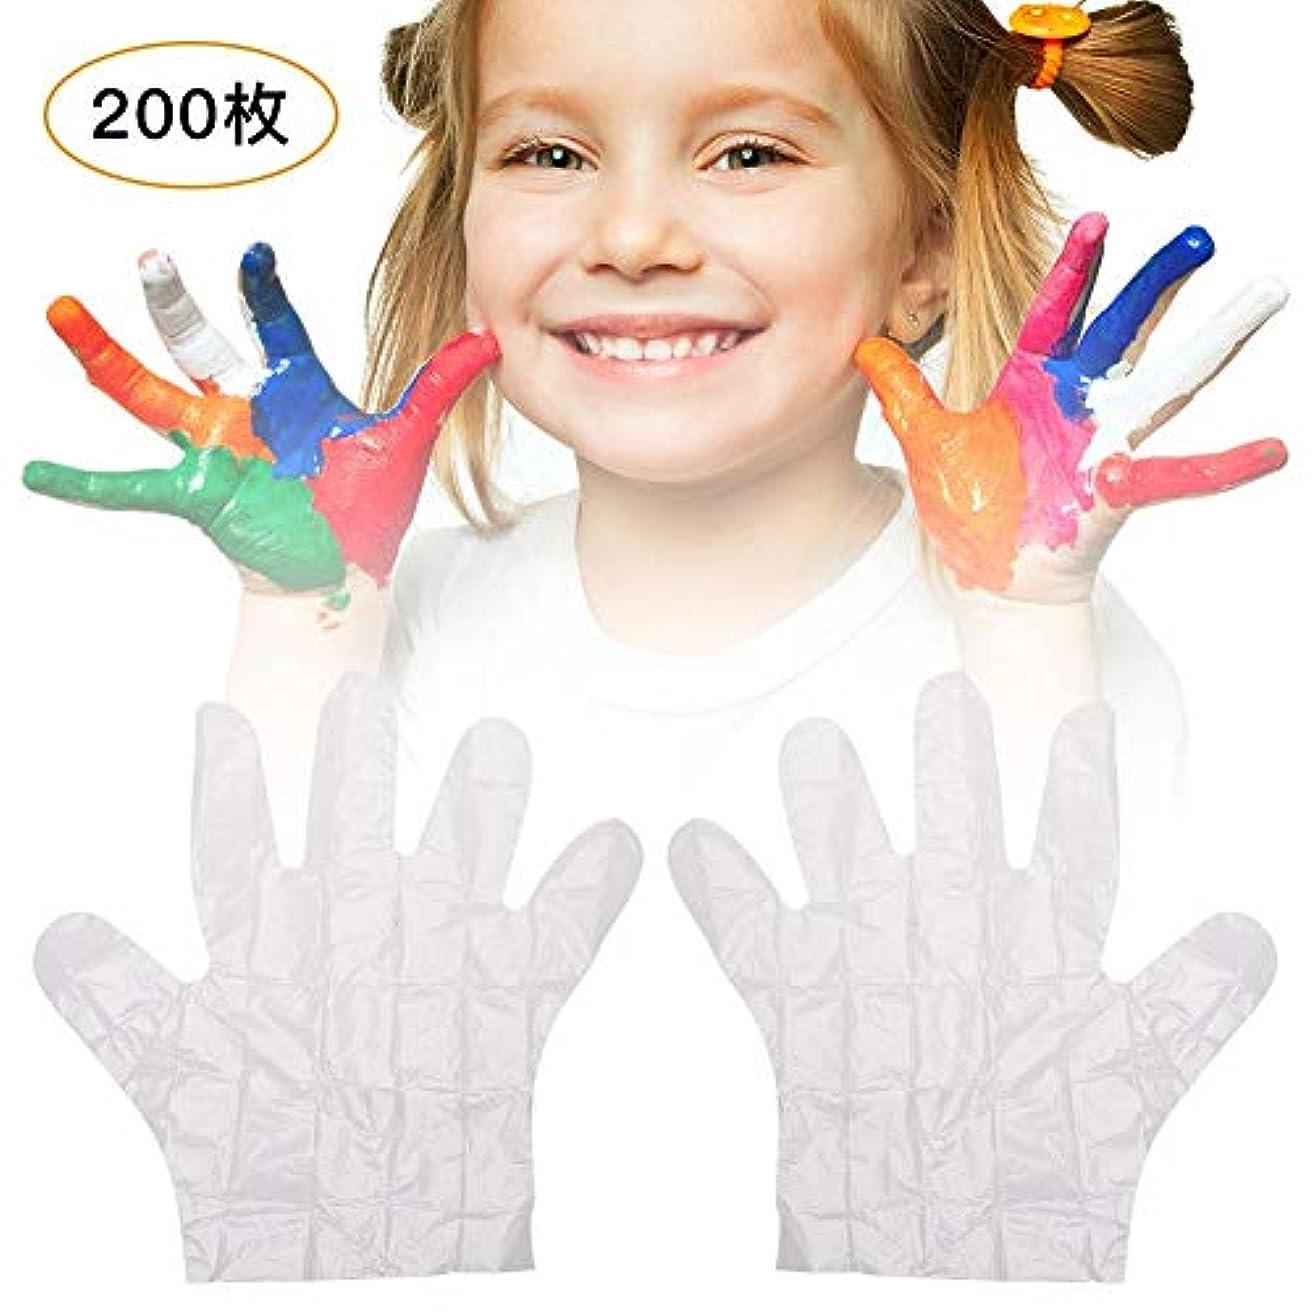 作り誘惑直立使い捨て手袋 子供用 極薄ビニール手袋 LUERME ポリエチレン 透明 実用 衛生 100枚/200枚セット 左右兼用